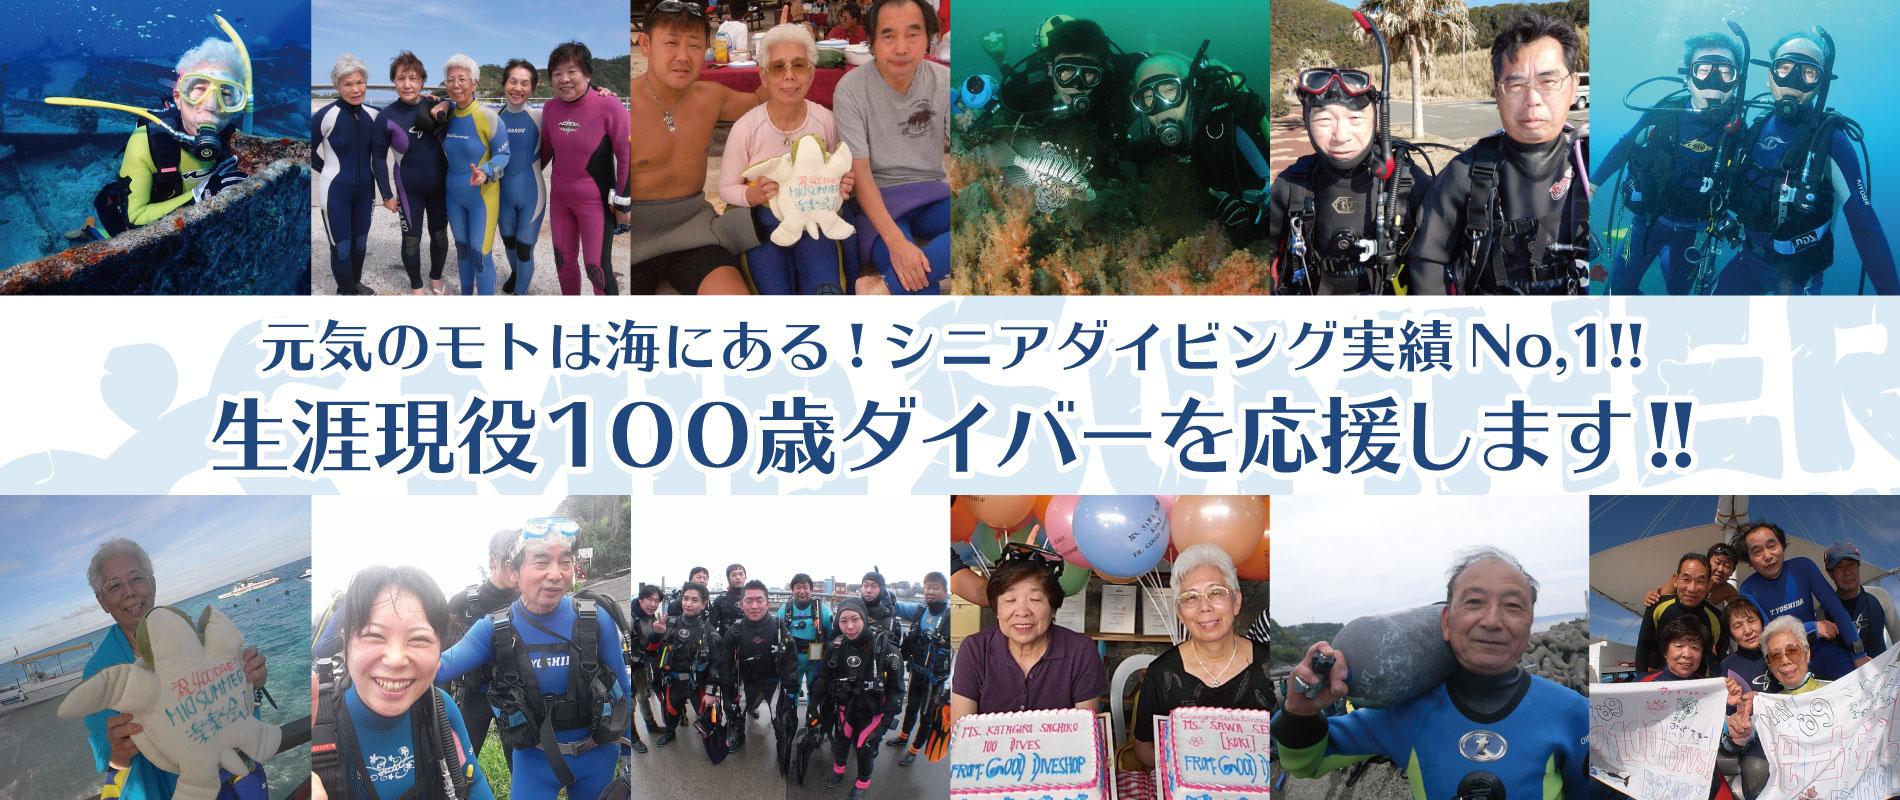 元気のモトは海にある!シニアダイビング実績ナンバーワン!!生涯現役100歳ダイバーを応援します。